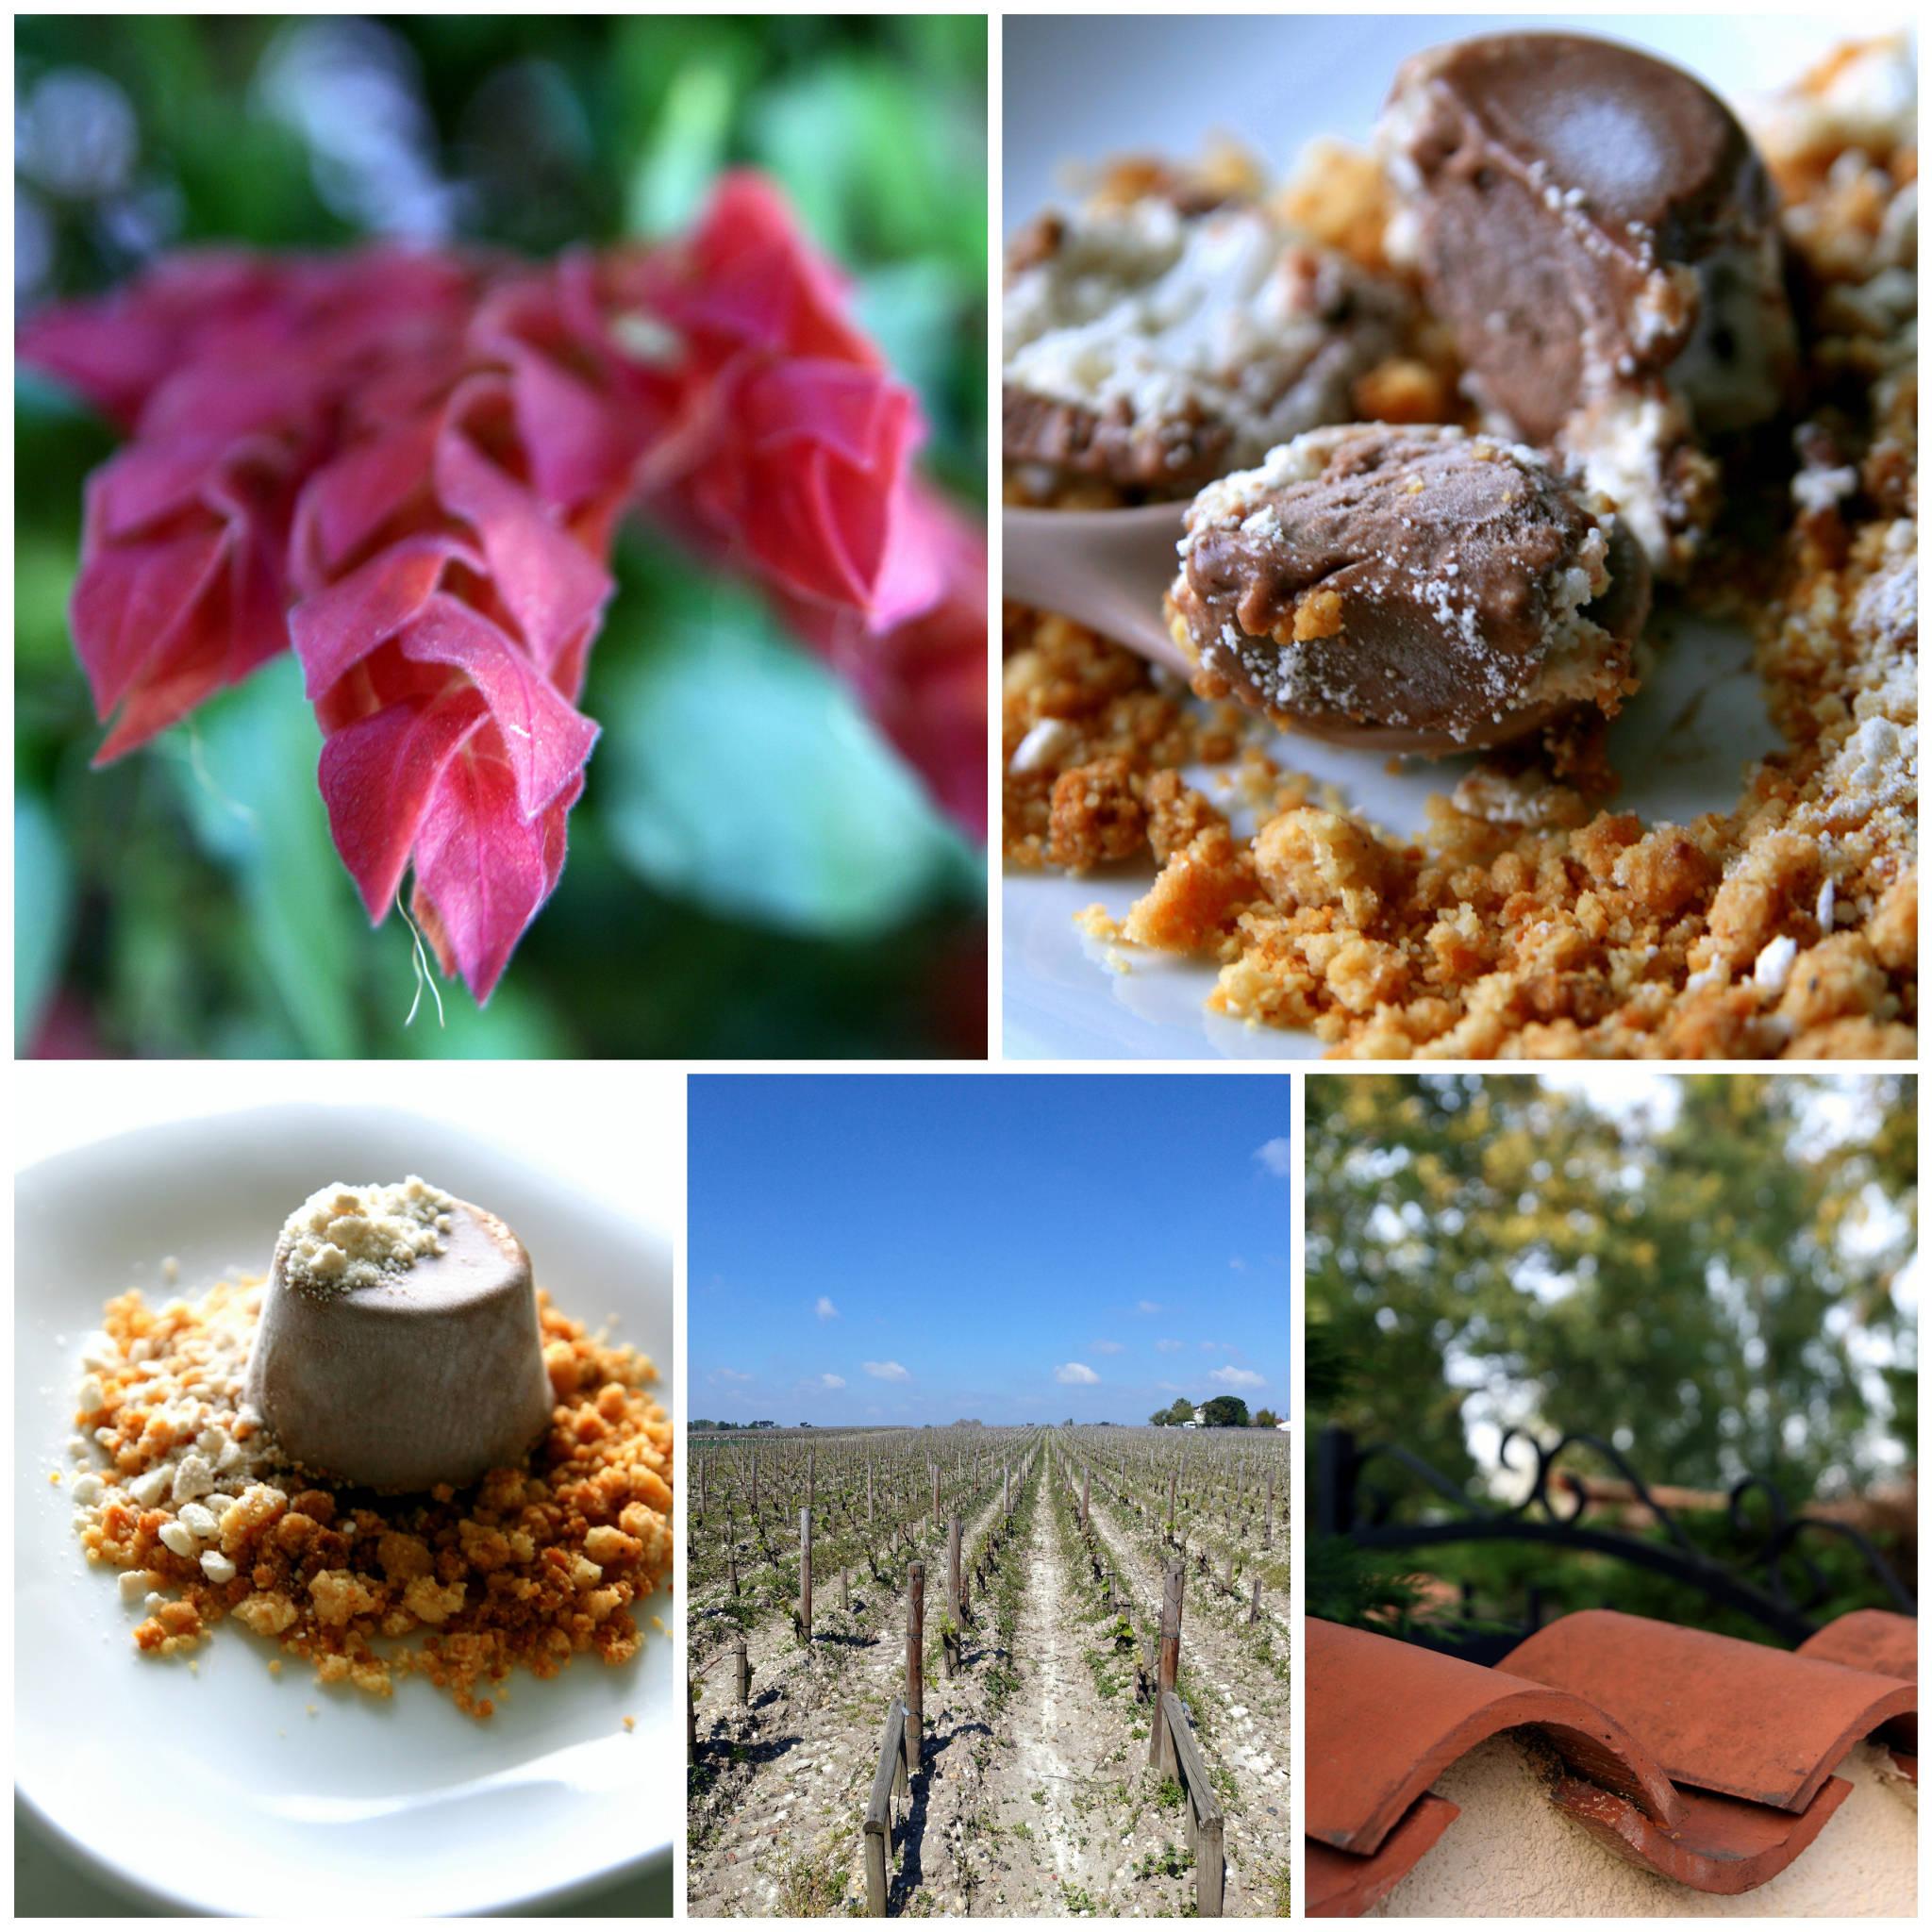 Entremets glacé aux haricots de Soissons, cacao & whisky, coeur de meringue, crumble à la muscade